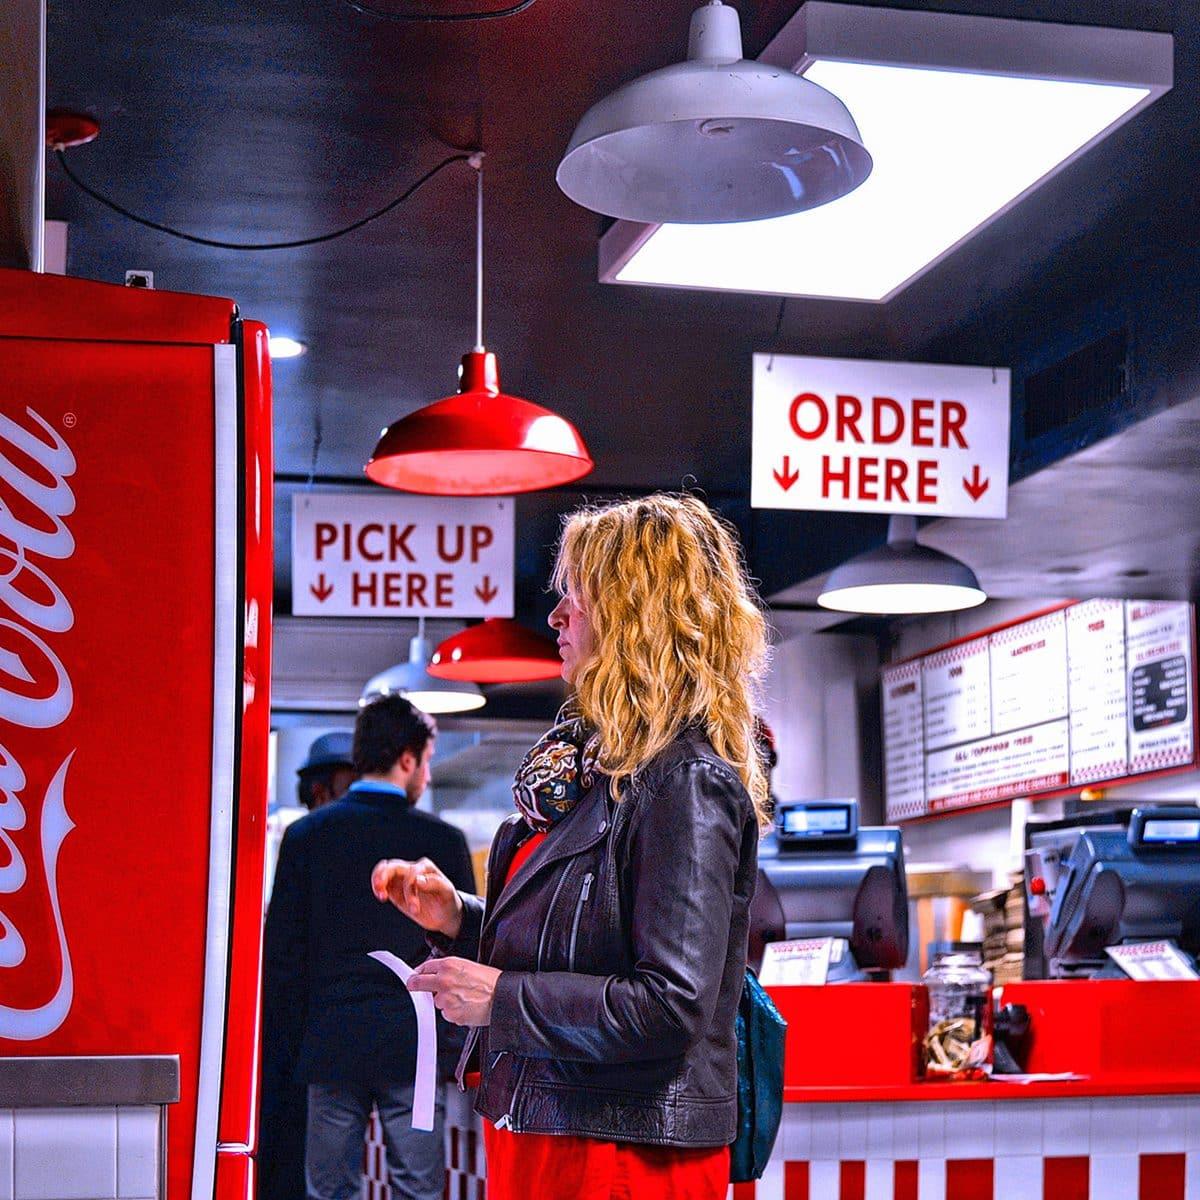 Gente comiendo en el restaurante de comida rápida Five Guys burger y una niña tomando una bebida de Coca Cola